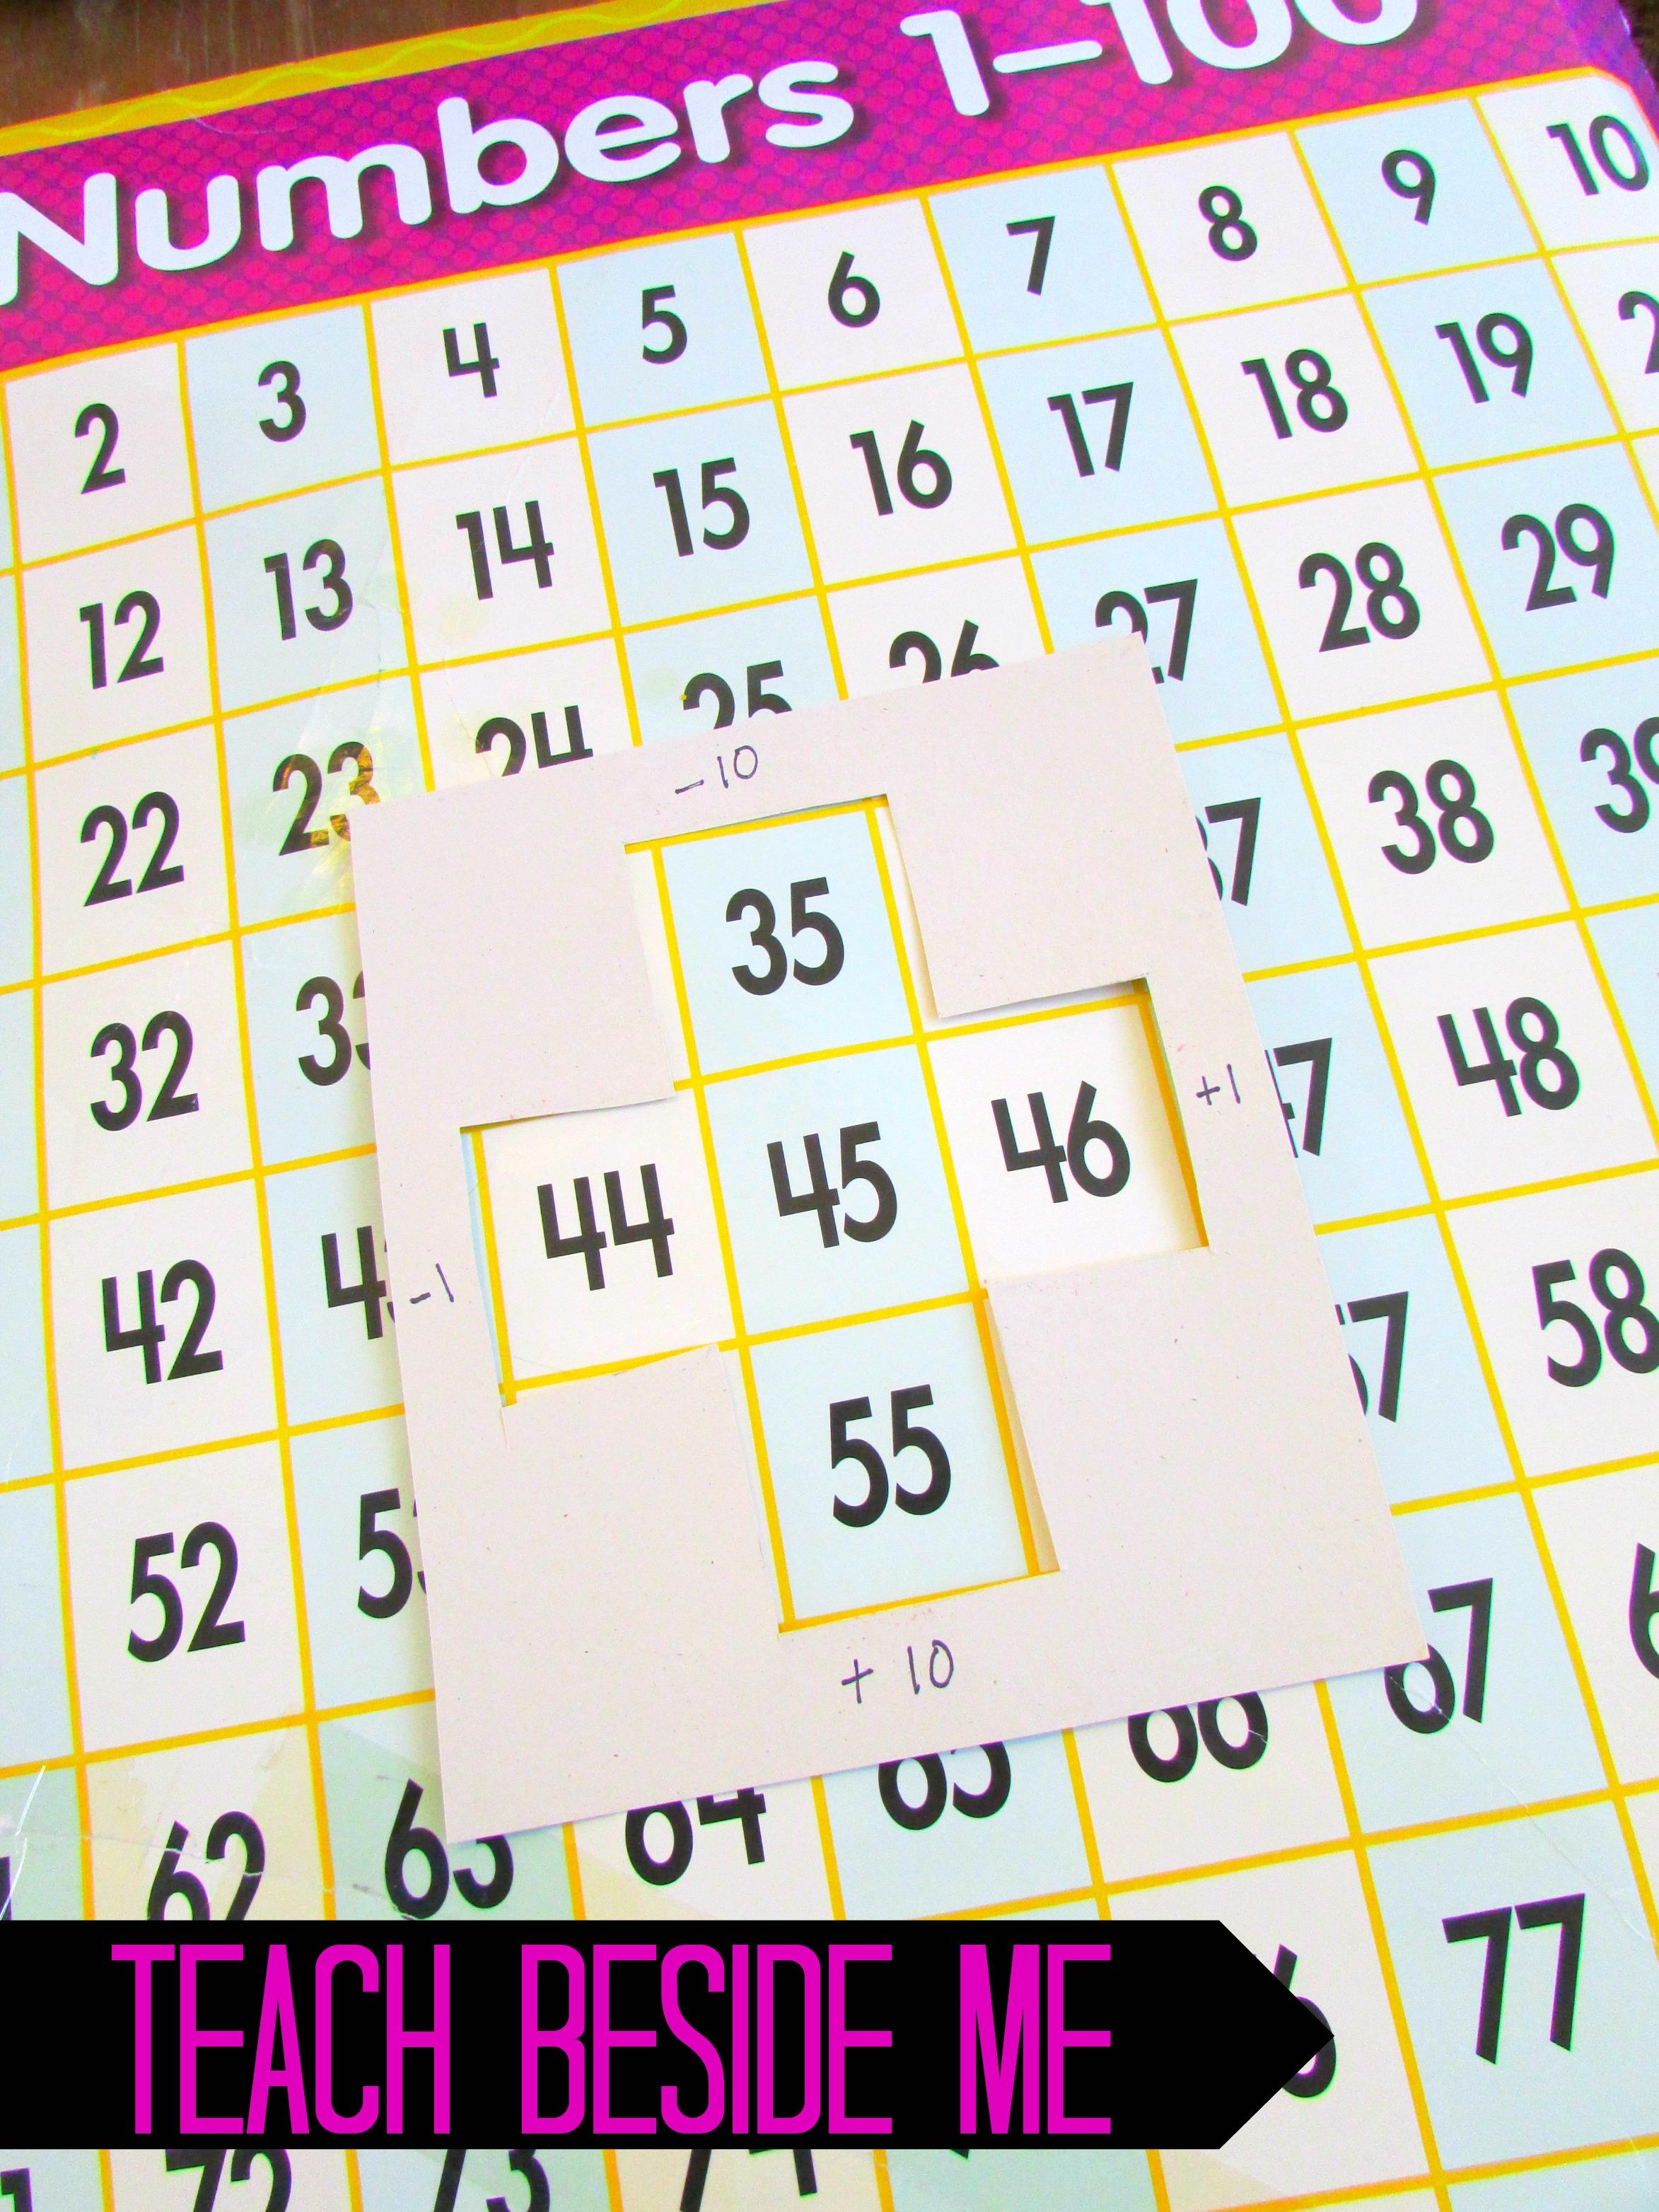 worksheet Hundred Chart hundred chart learning ideas teach beside me learning